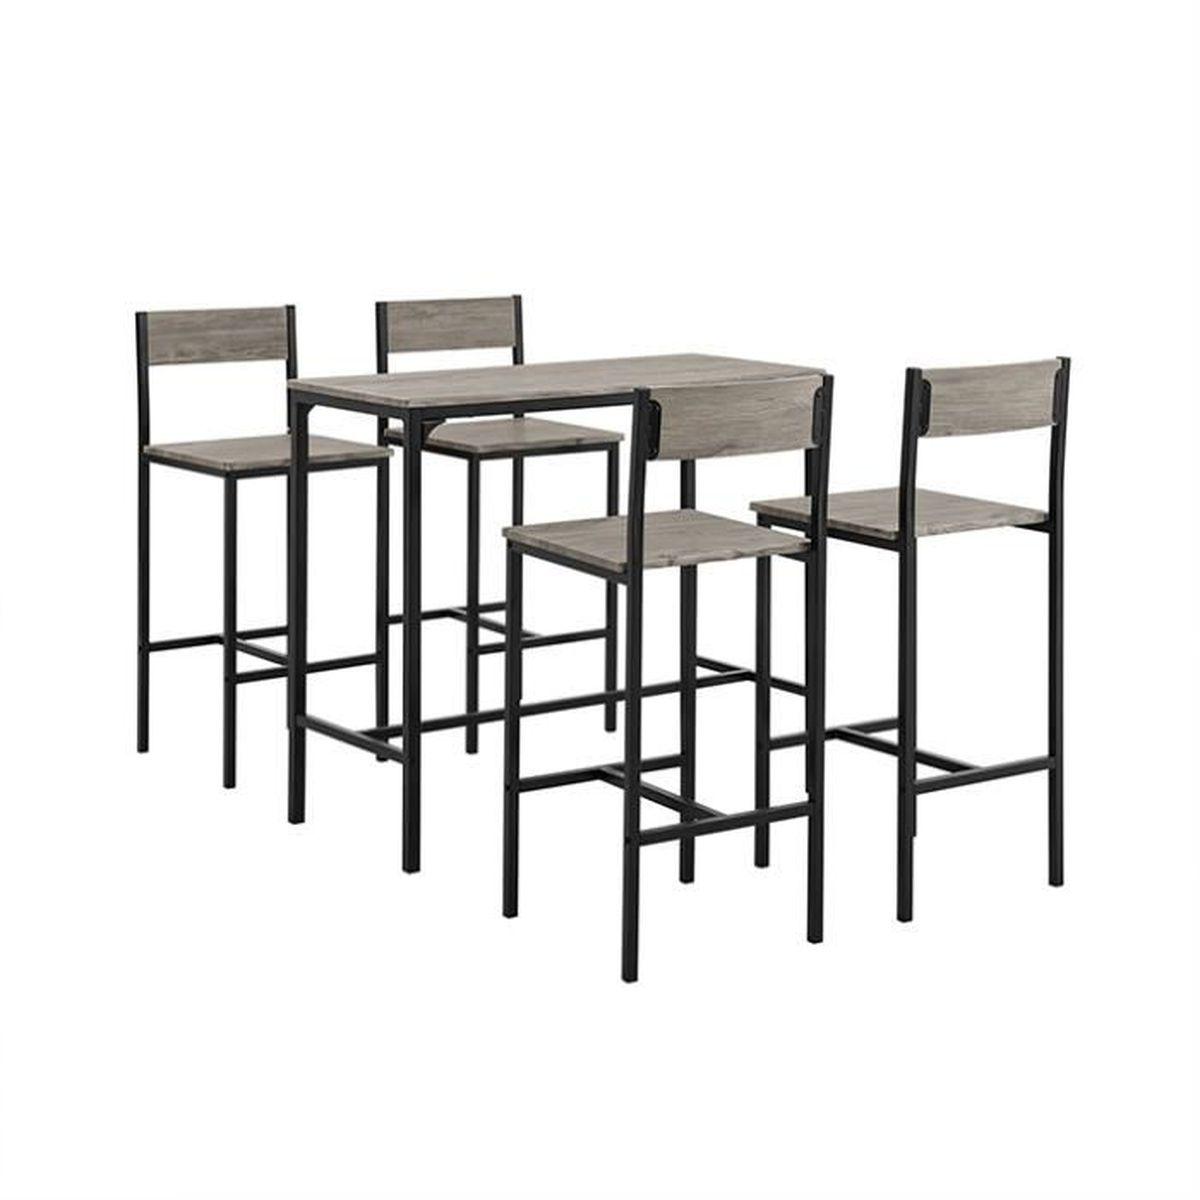 Ensemble table de cuisine haute et chaise - Achat / Vente ...